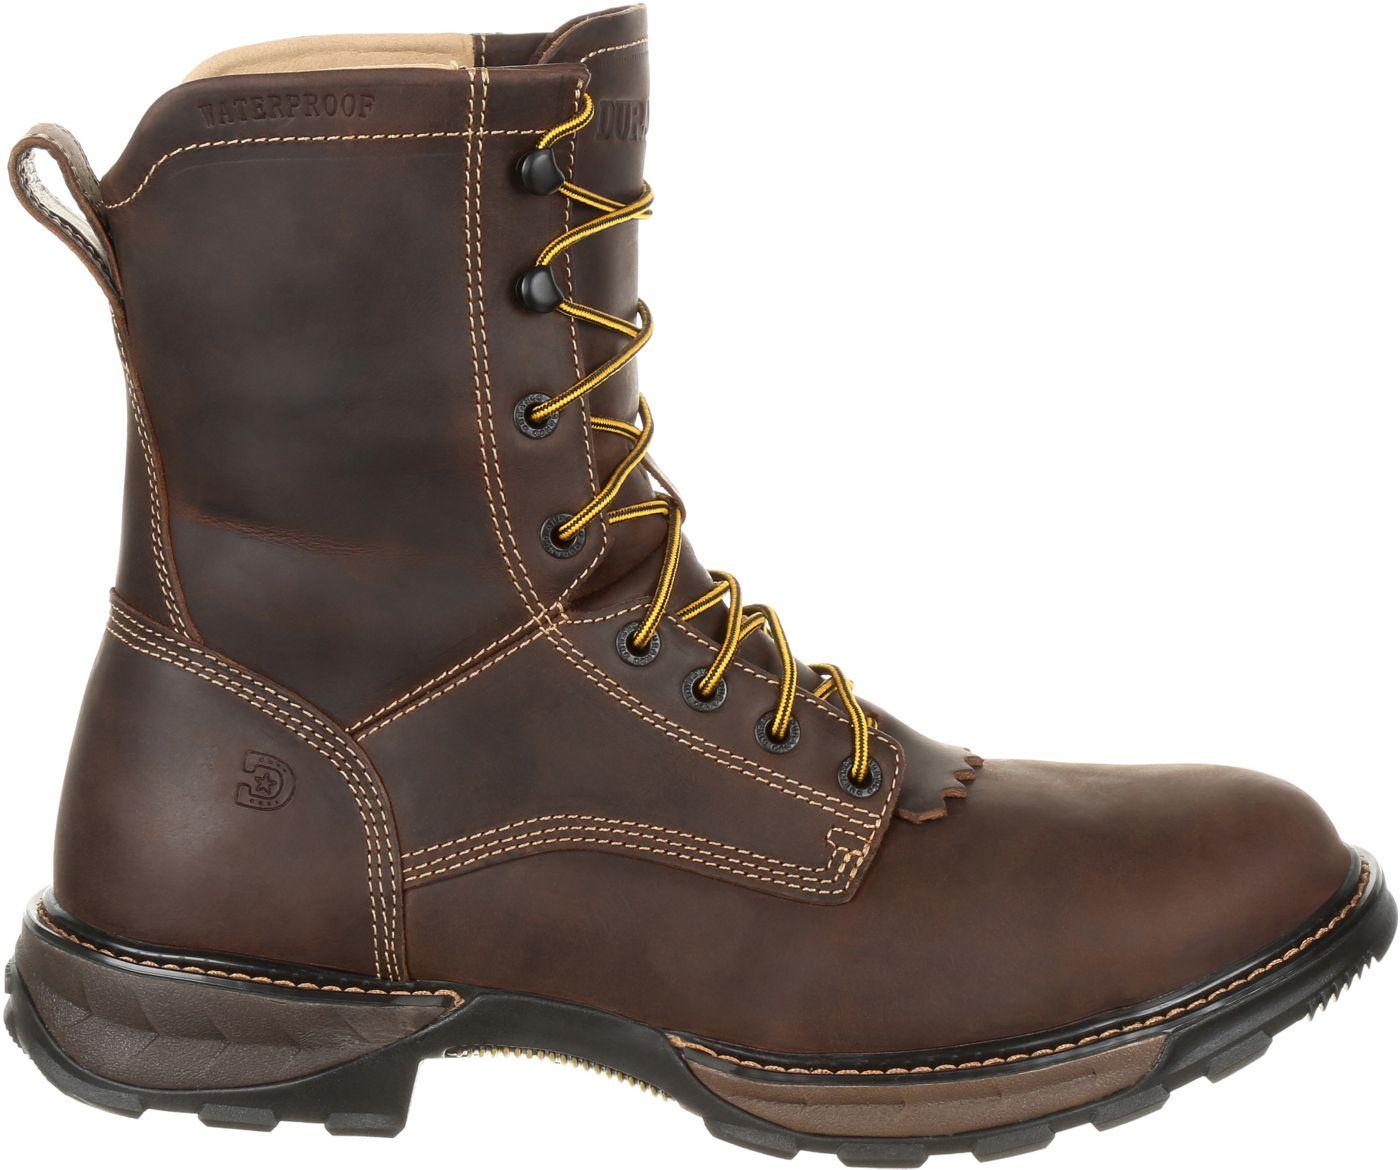 Durango Men's Maverick XP Lacer Waterproof Steel Toe Work Boots